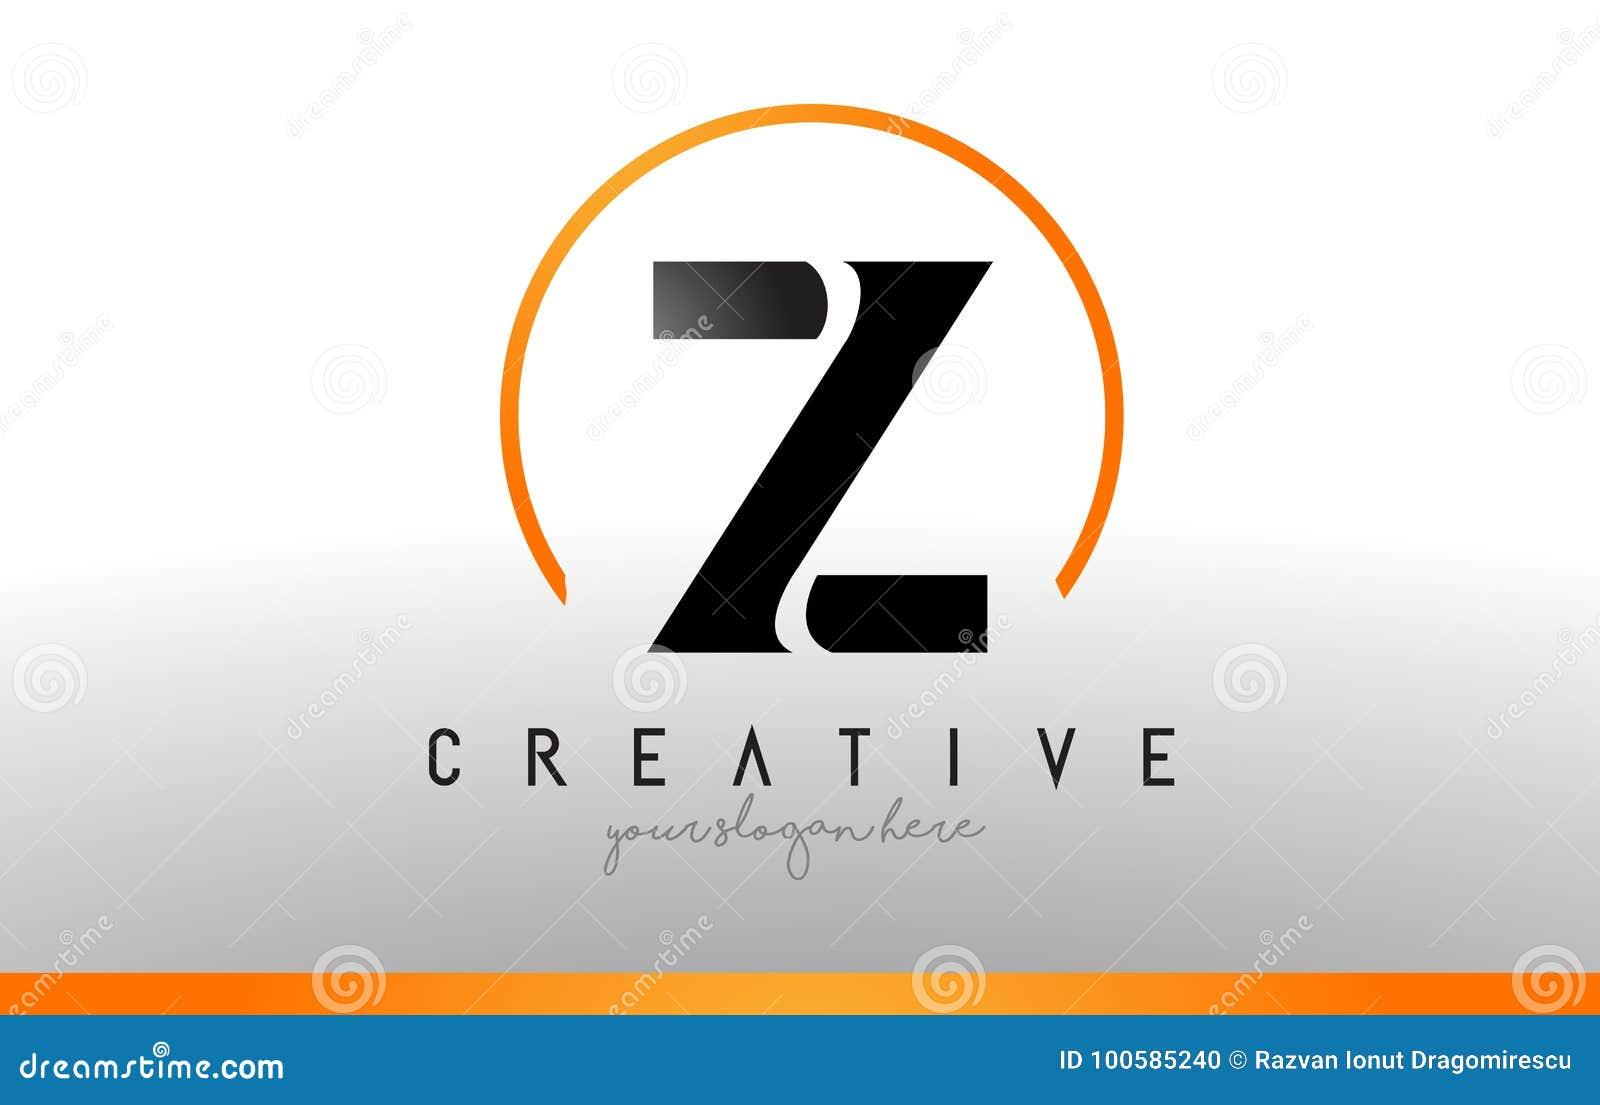 Z Letter Logo Design With Black Orange Color Cool Modern Icon T